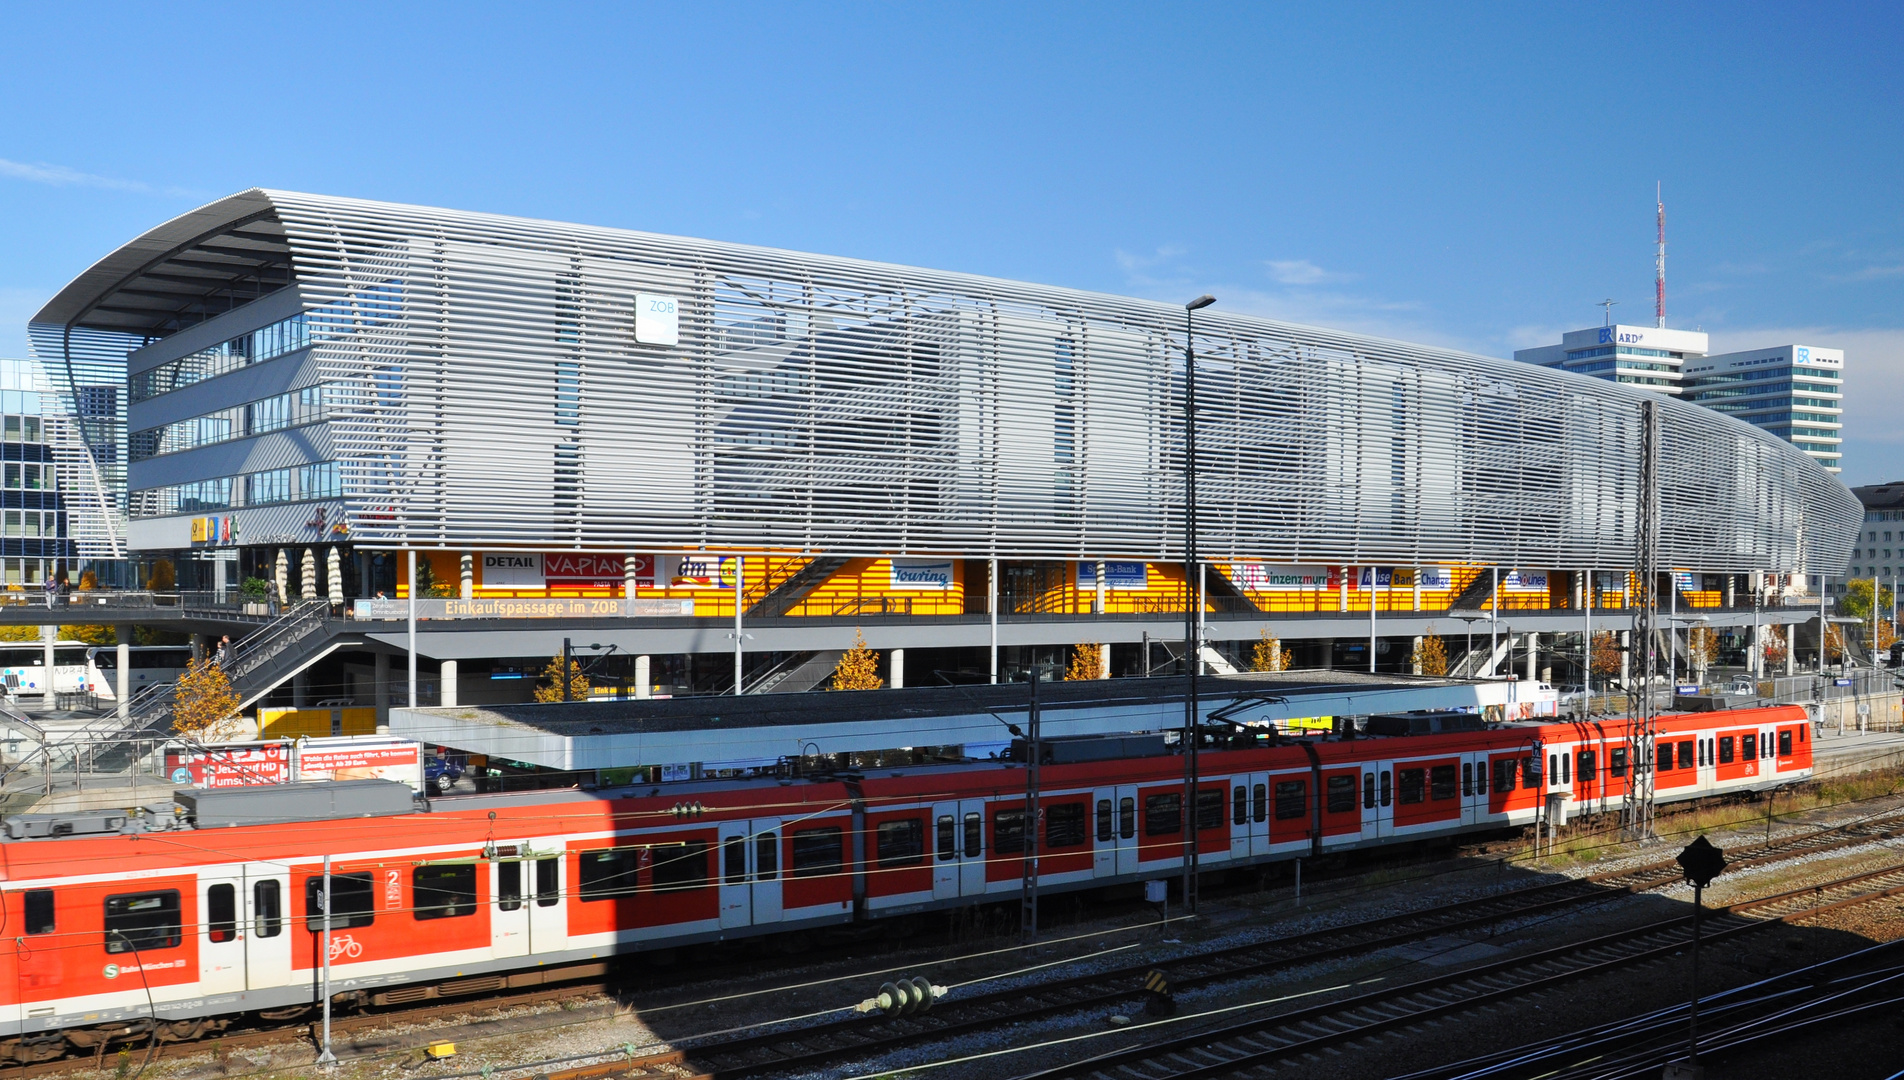 ZOB (Zentraler Omnibusbahnhof)